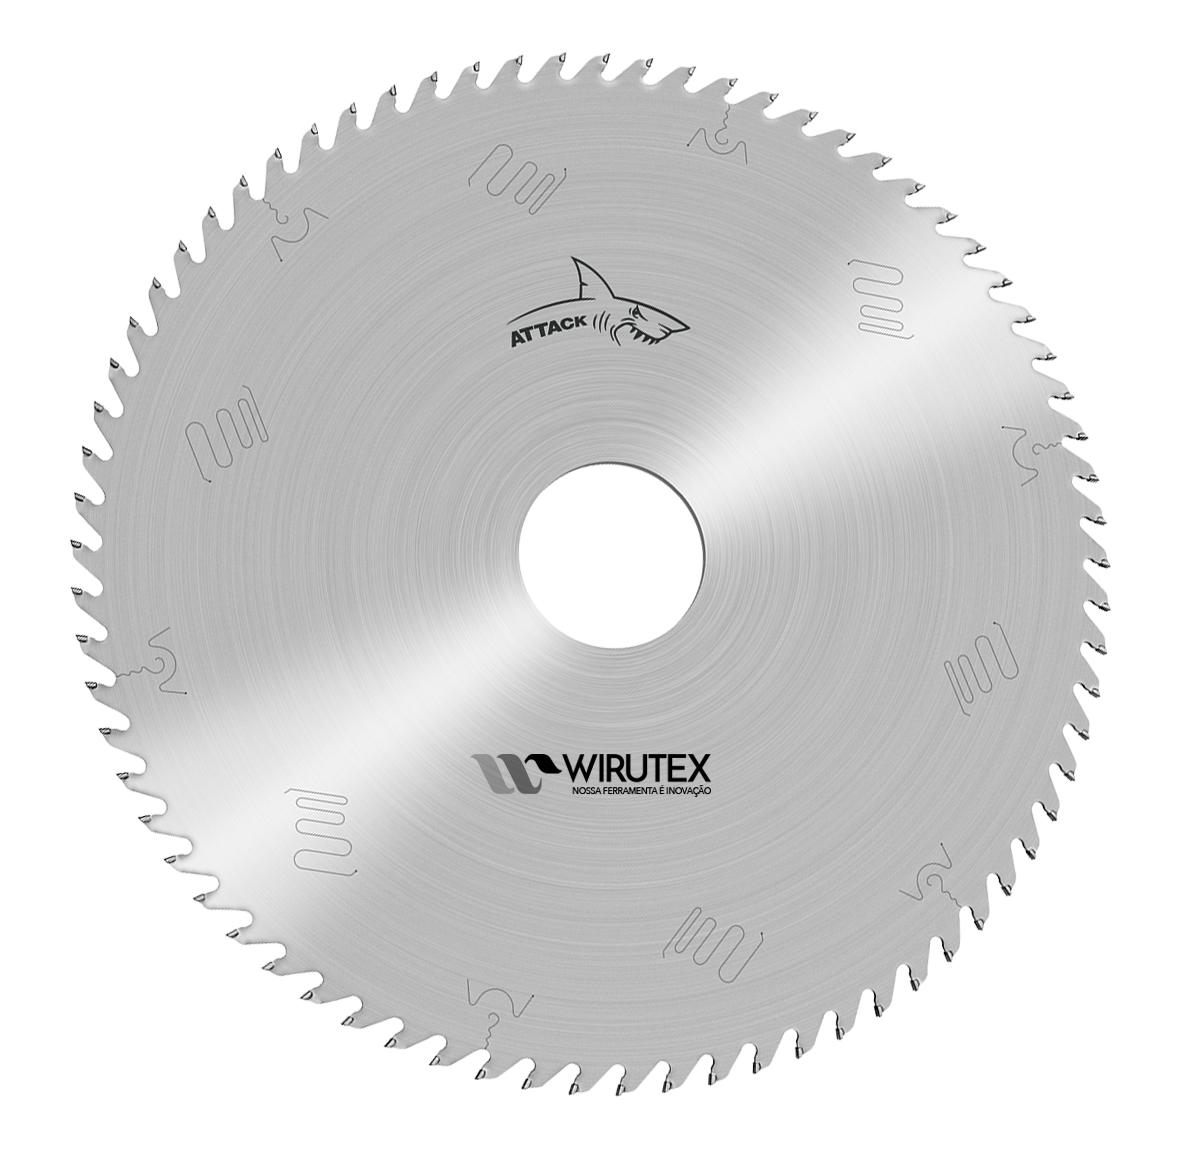 Serras Circulares Attack | Produto | Wirutex - Nossa Ferramenta é Inovação